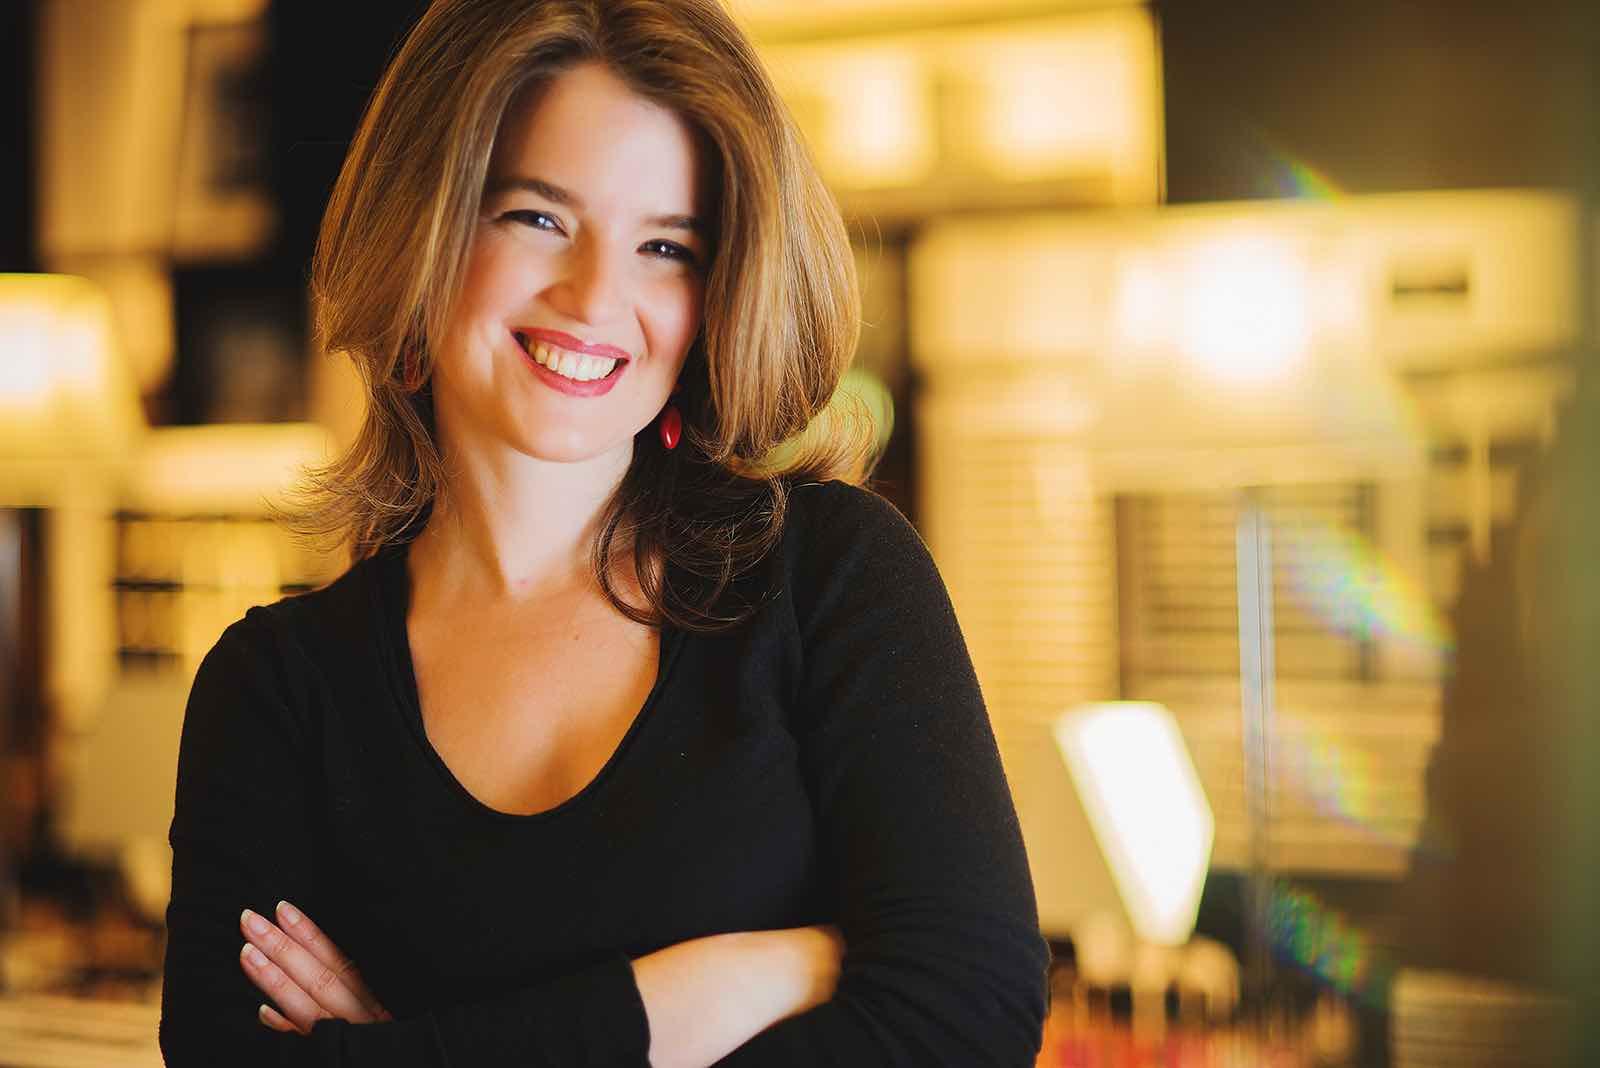 Ammi-Joan Paquette